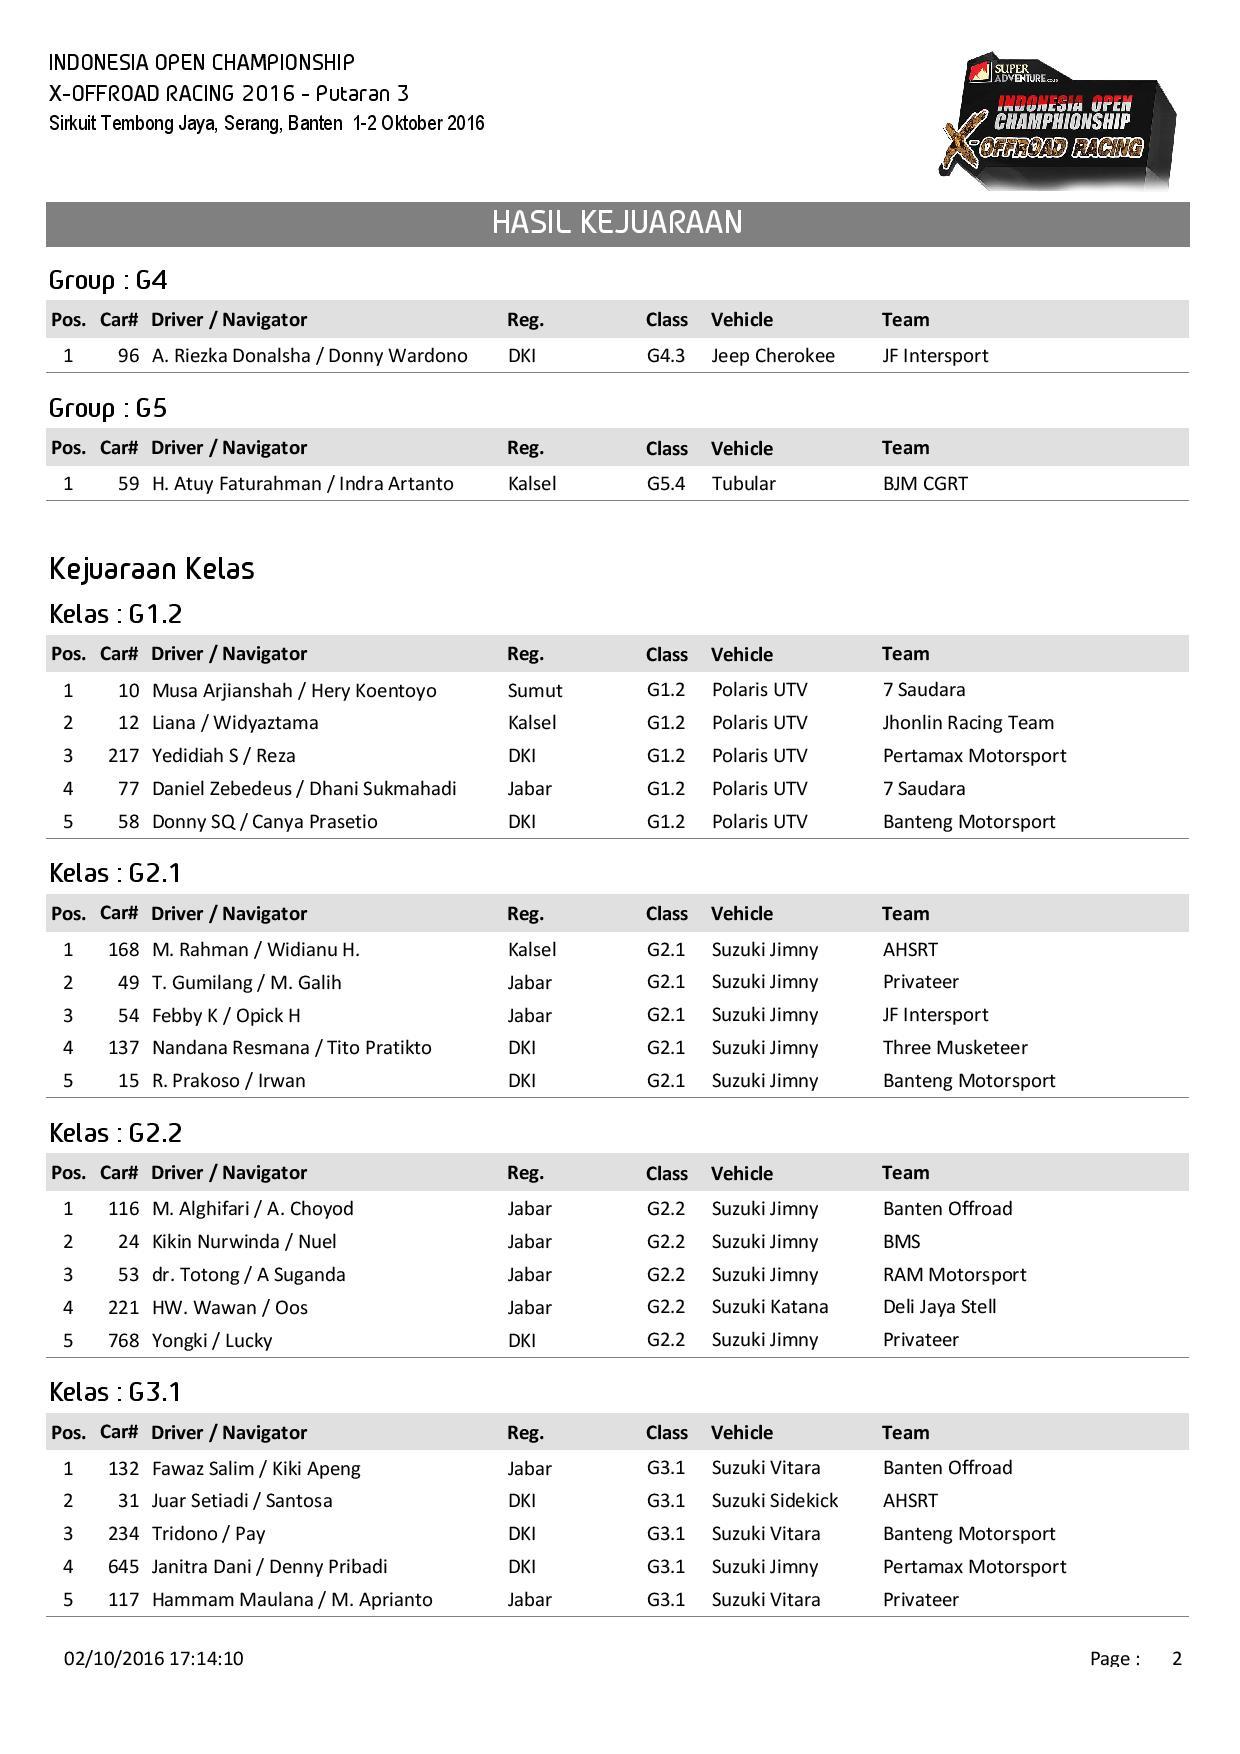 p3-hasil-kejuaraan-page-002